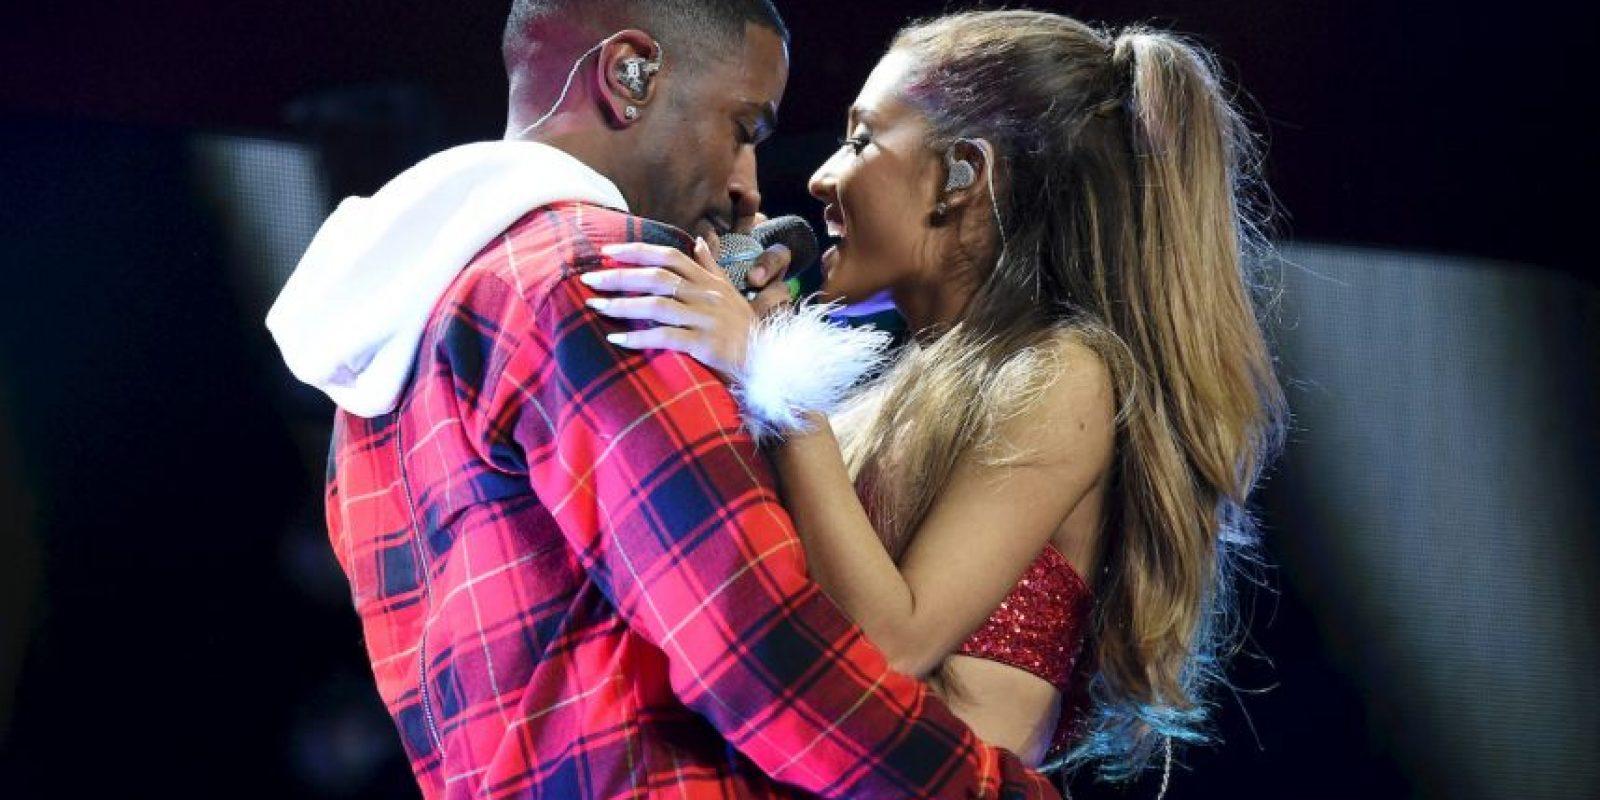 La ahora expareja confirmó su relación en agosto del año pasado. Foto:Getty Images